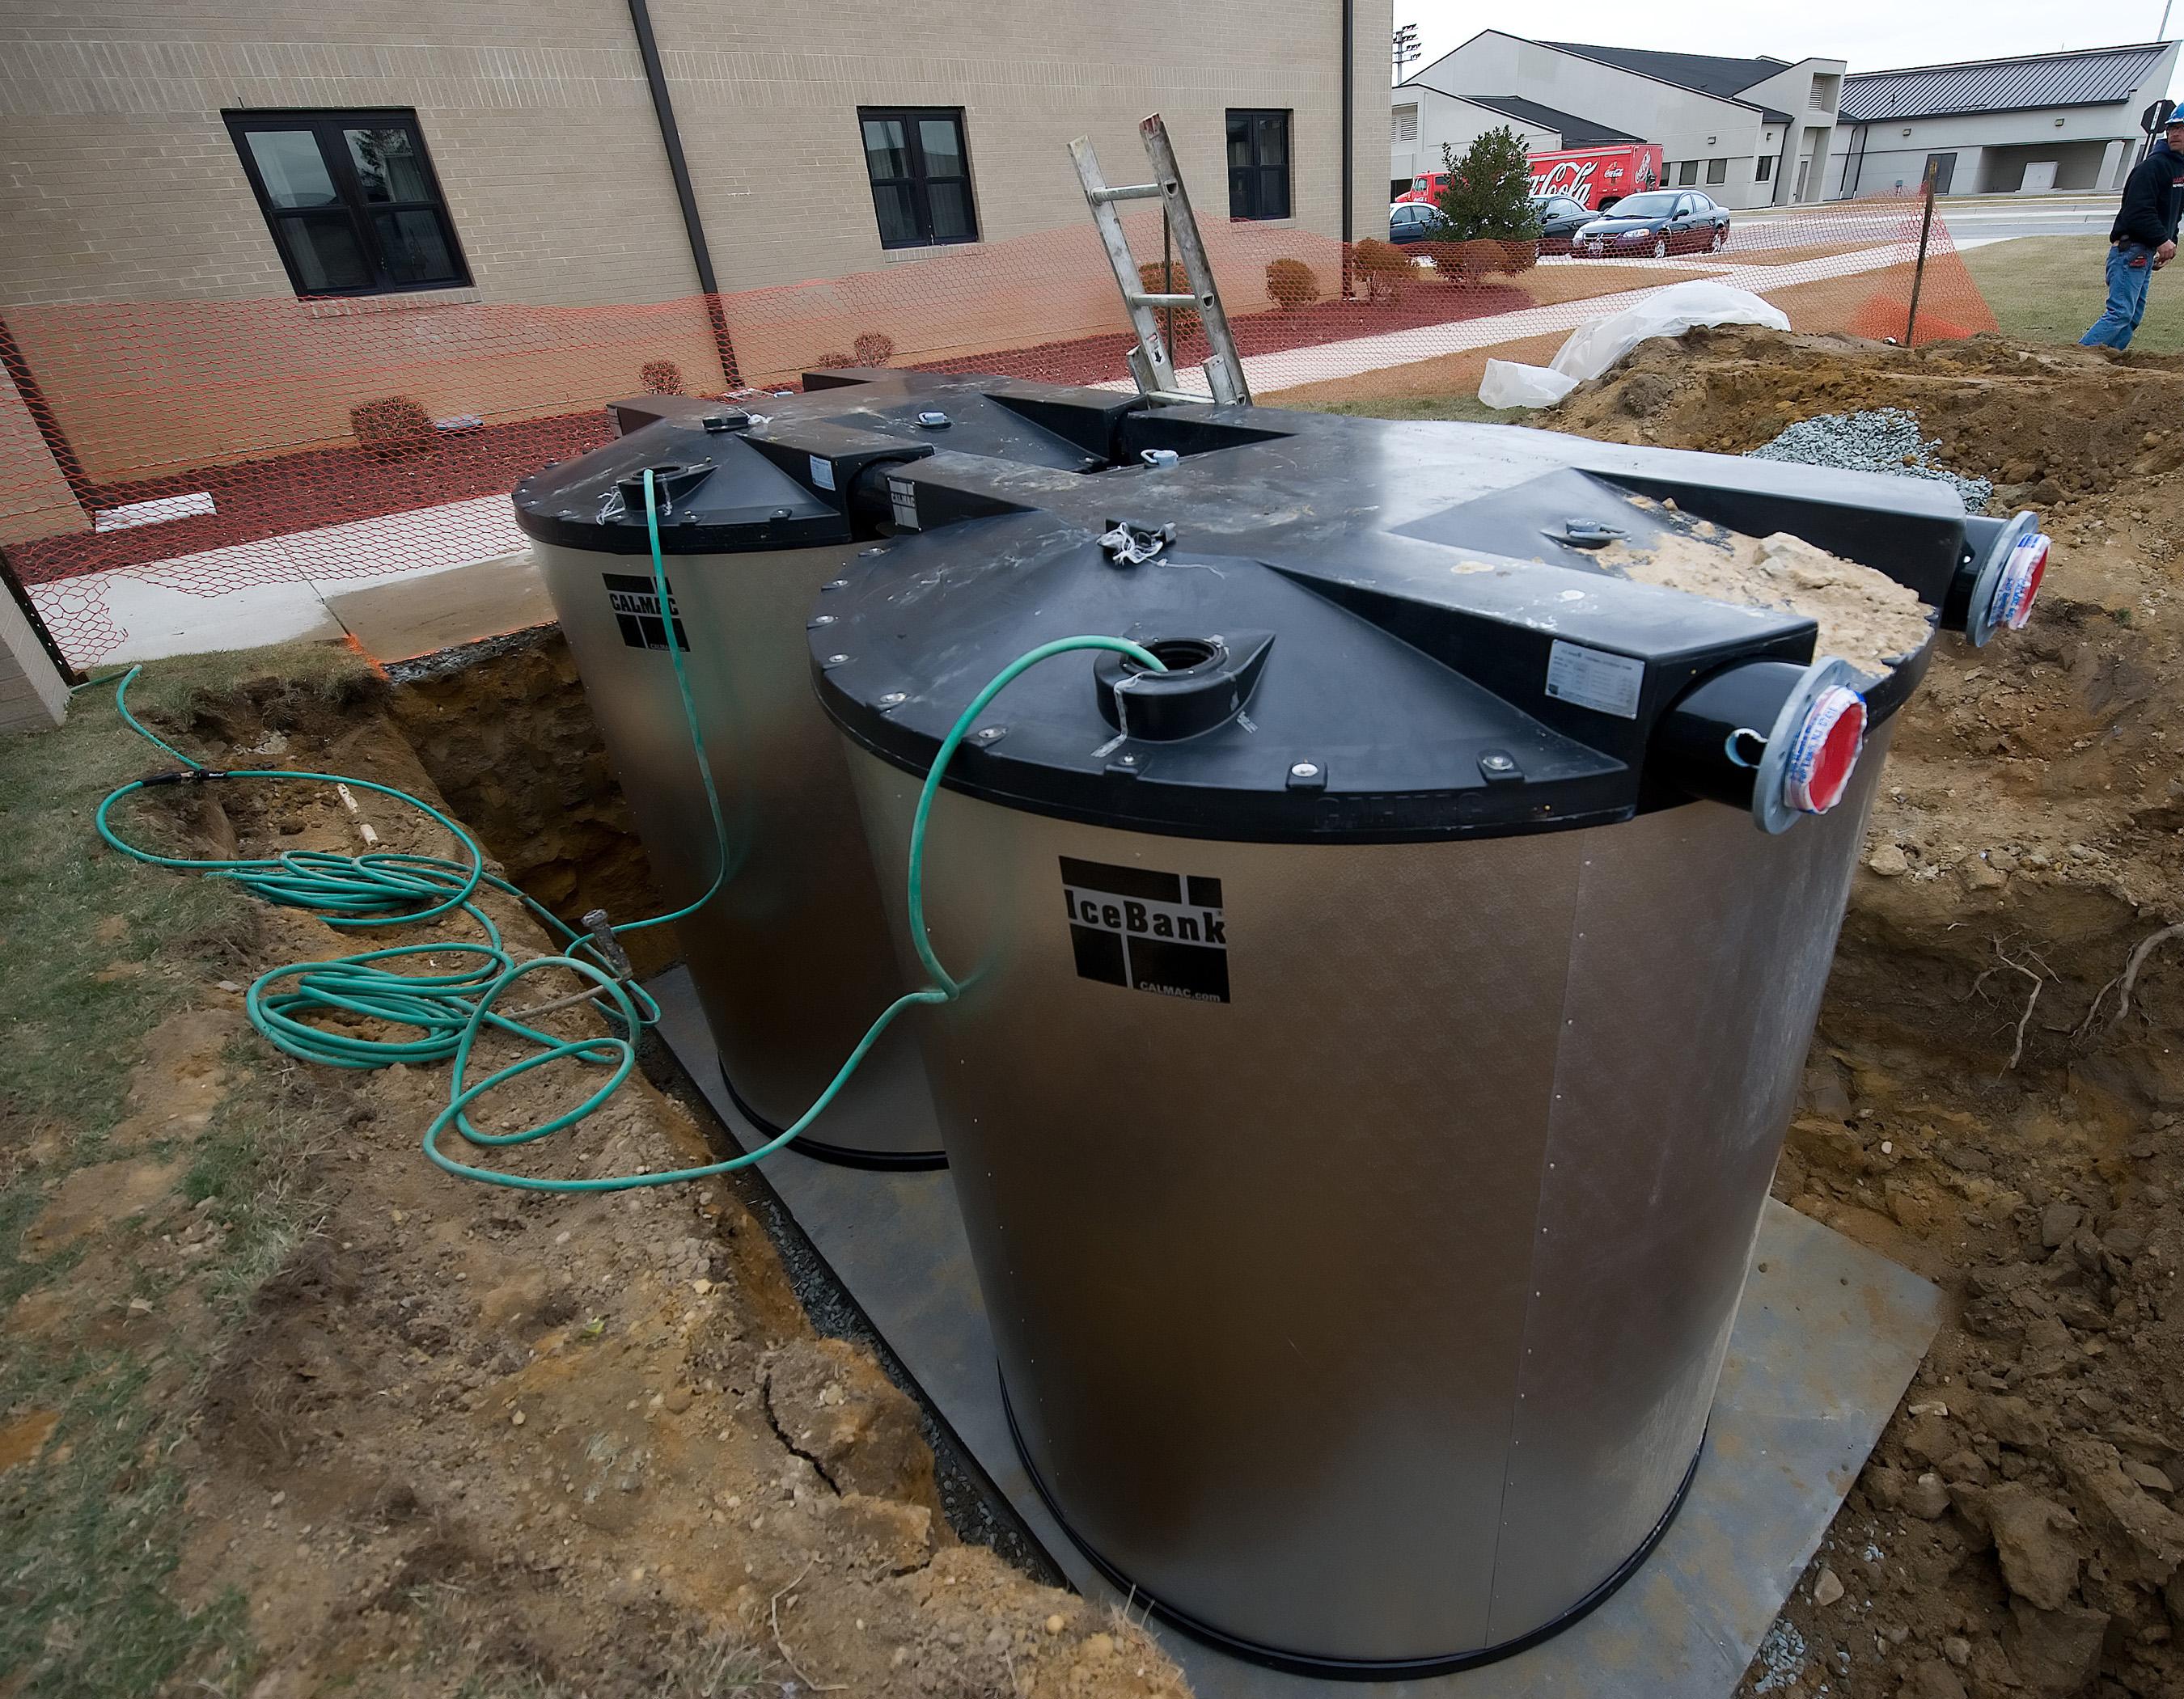 """Ice tanks reduce cost, energy use > Dover Air Force Base > News""""/><figcaption>Eisspeicher</figcaption></figure>    <p> Betrieben wir ein Eisspeicher in Kombination mit einer Wärmepumpe und dient dieser als Wärmequelle. Die Wärmepumpe entzieht dem Wasser thermische Energie, wodurch dieses gefriert. Durch den Phasenwechsel kann die latente Wärme des Wassers genutzt und der Speicher kleiner ausgelegt werden.   </p> </div><!-- .entry-content -->  <footer class="""